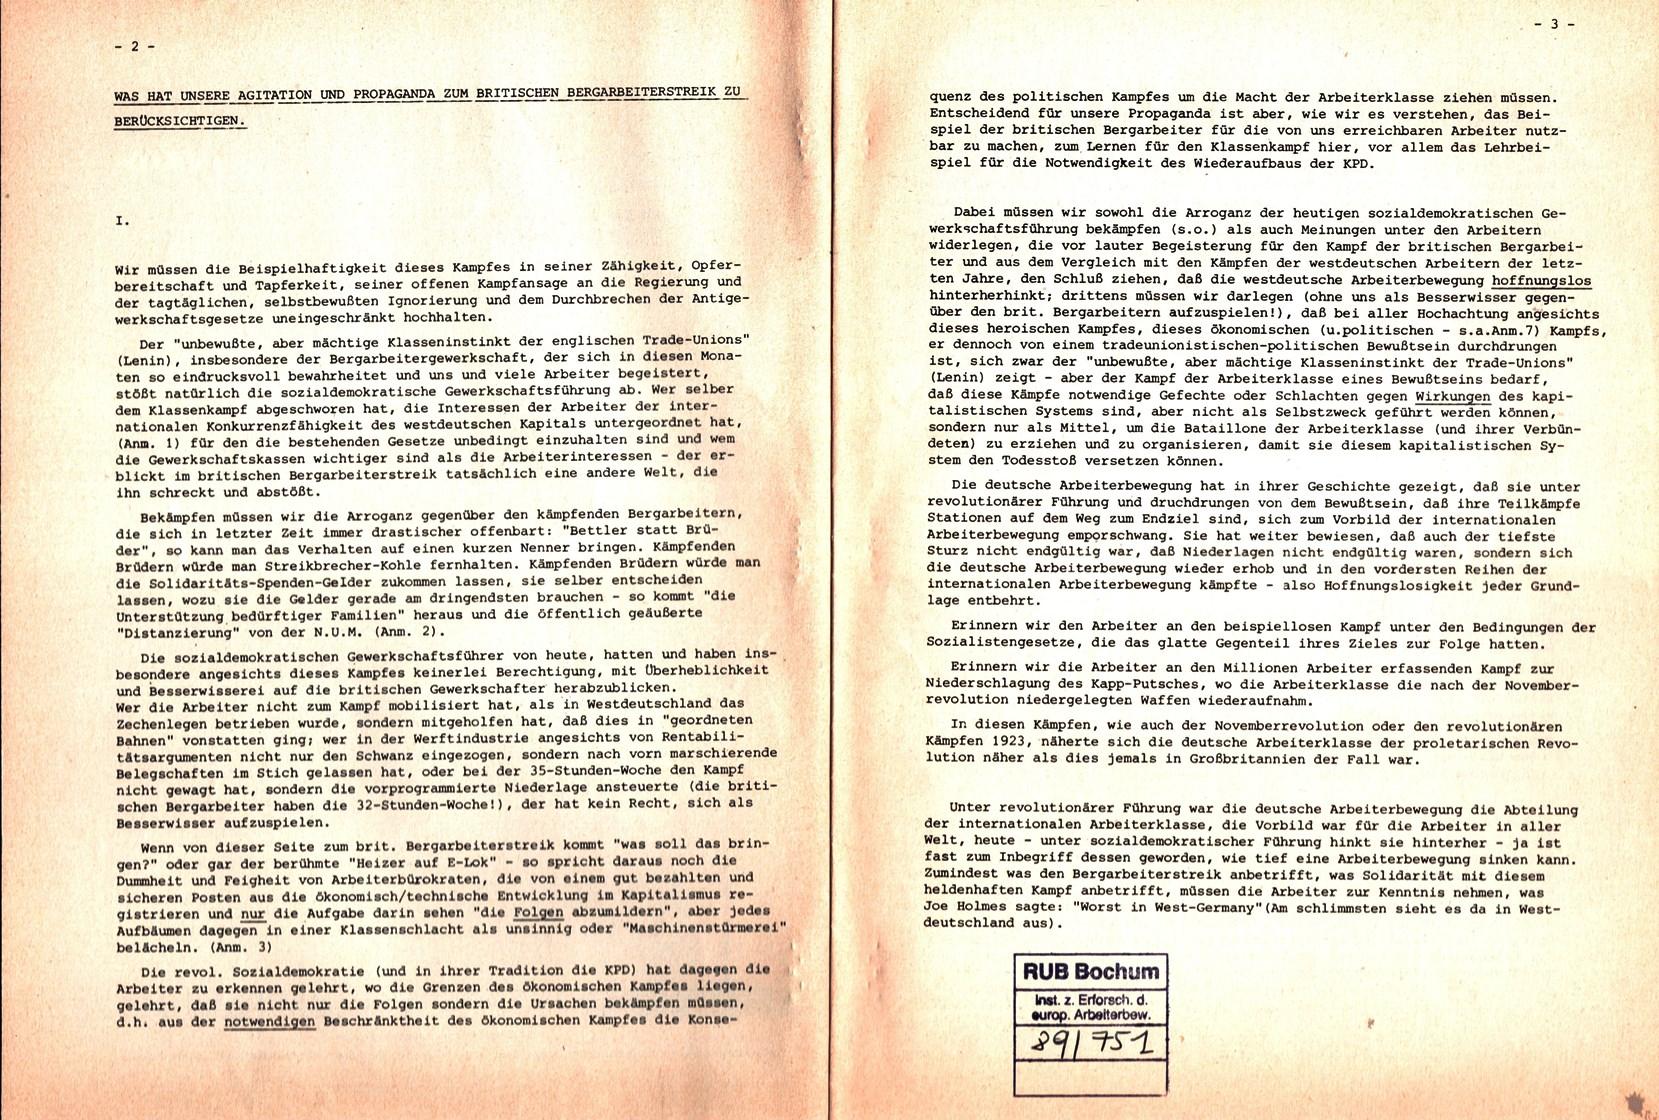 AB_Informationen_fuer_Genossen_19850117_002